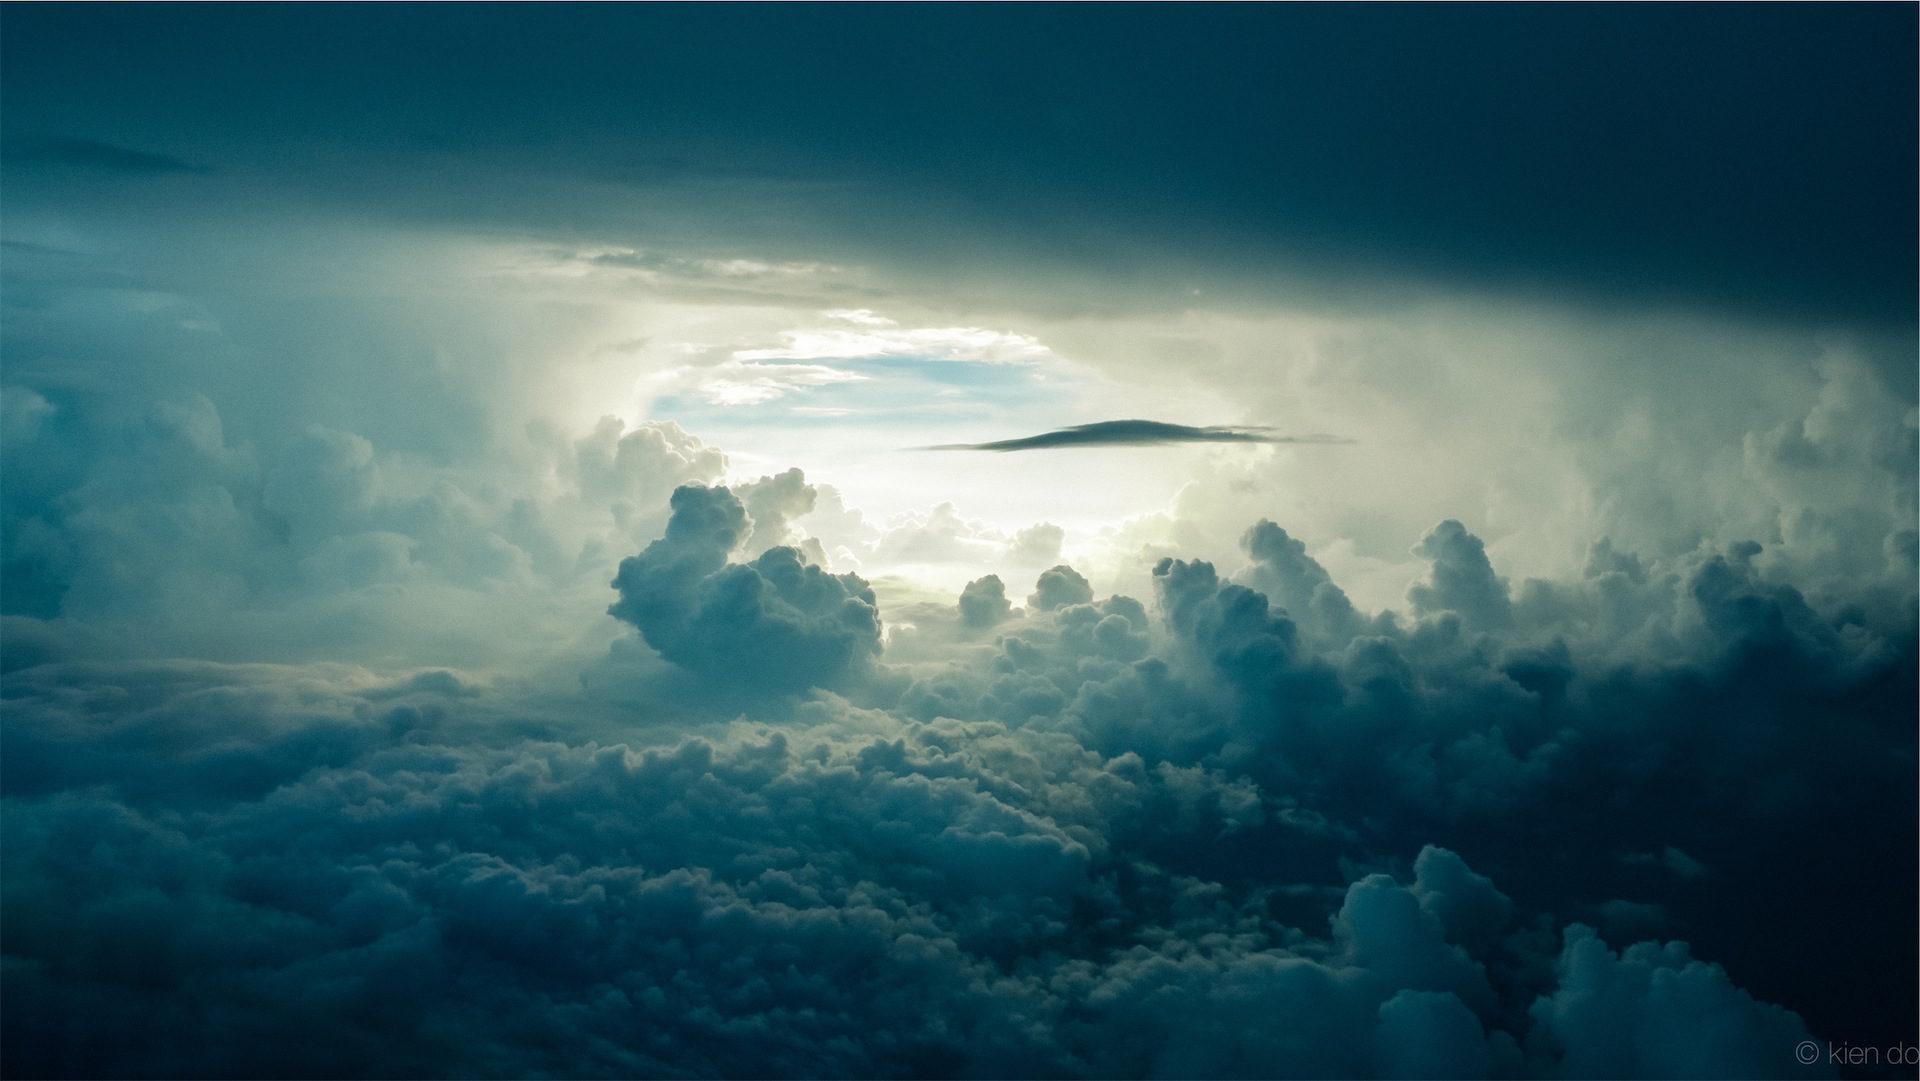 nuvens, Céu, Formas, É claro, luz - Papéis de parede HD - Professor-falken.com